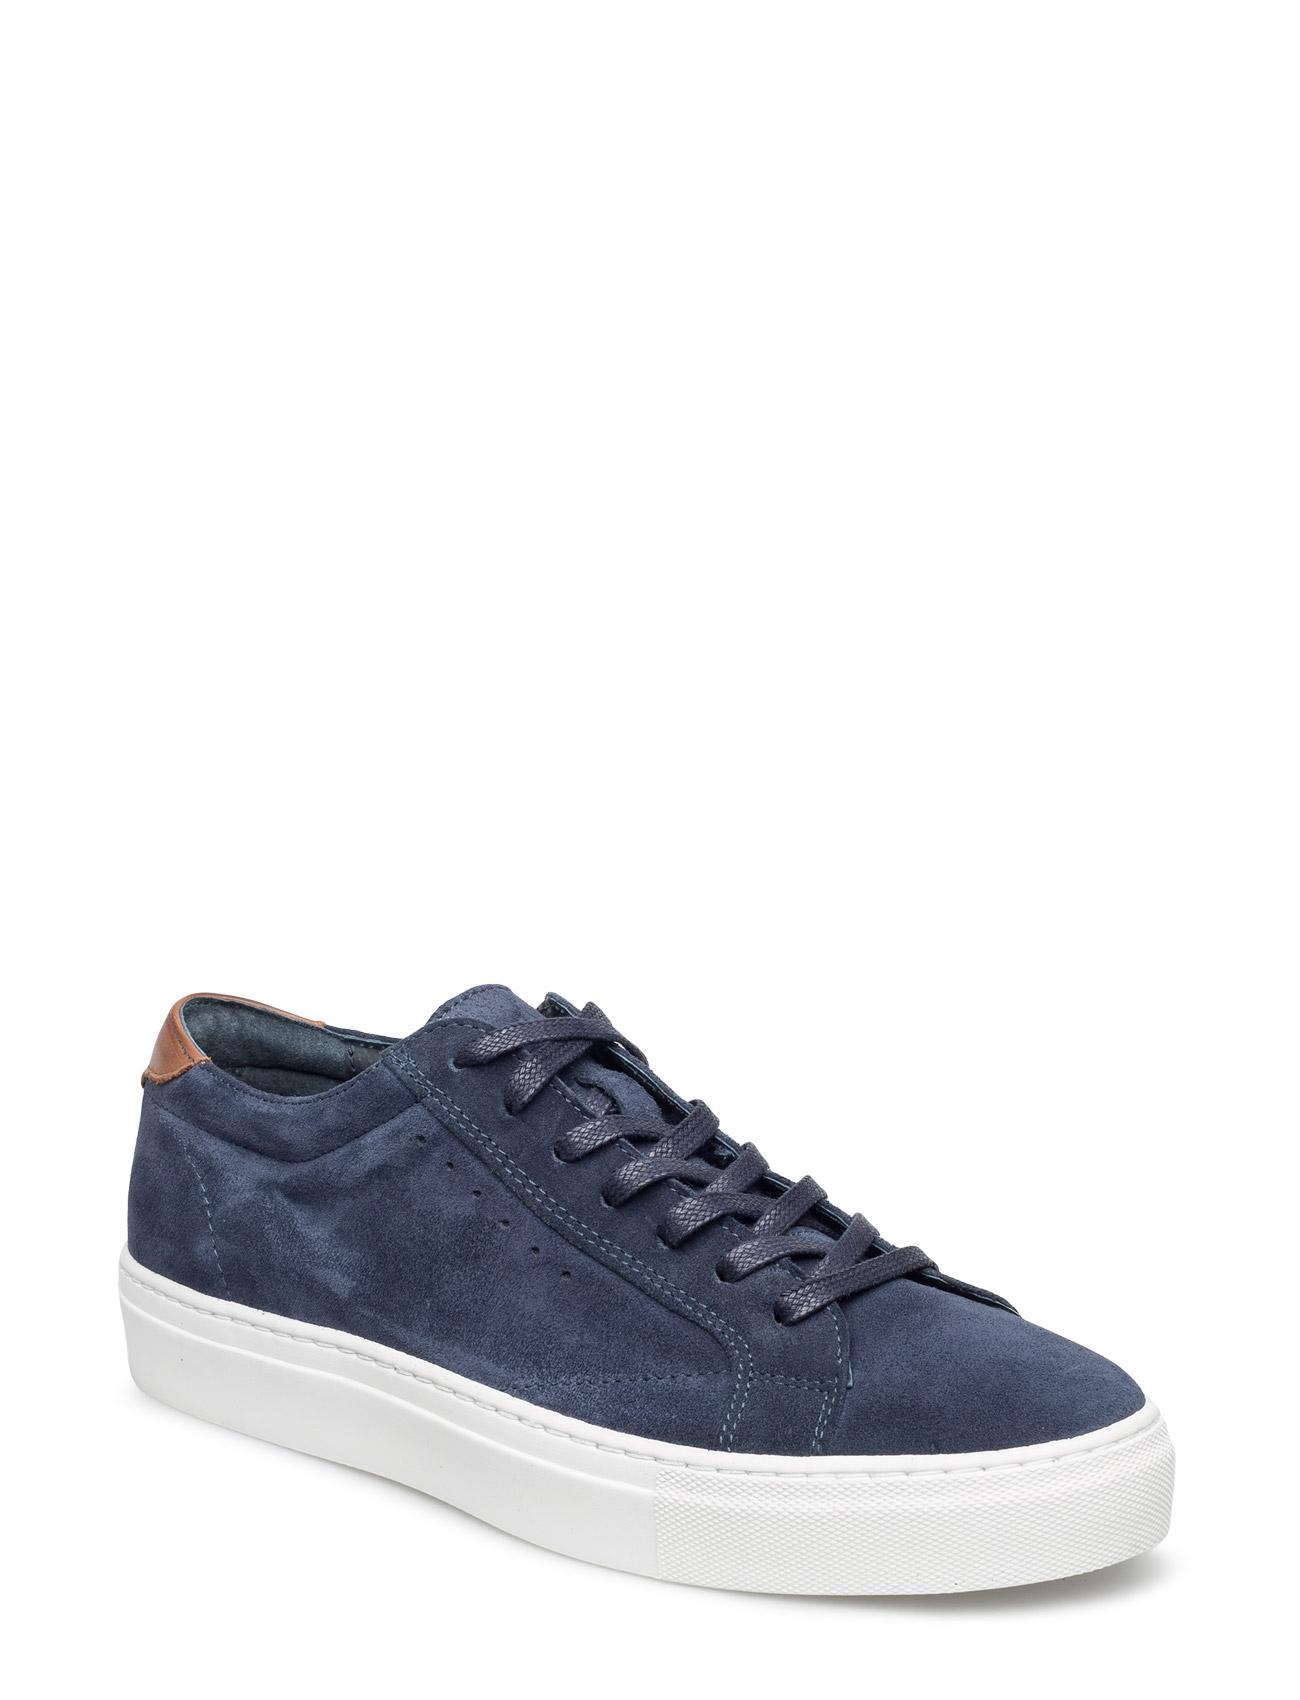 Suede Cass Shoe Mam16 Bianco Sneakers til Mænd i Marine blå